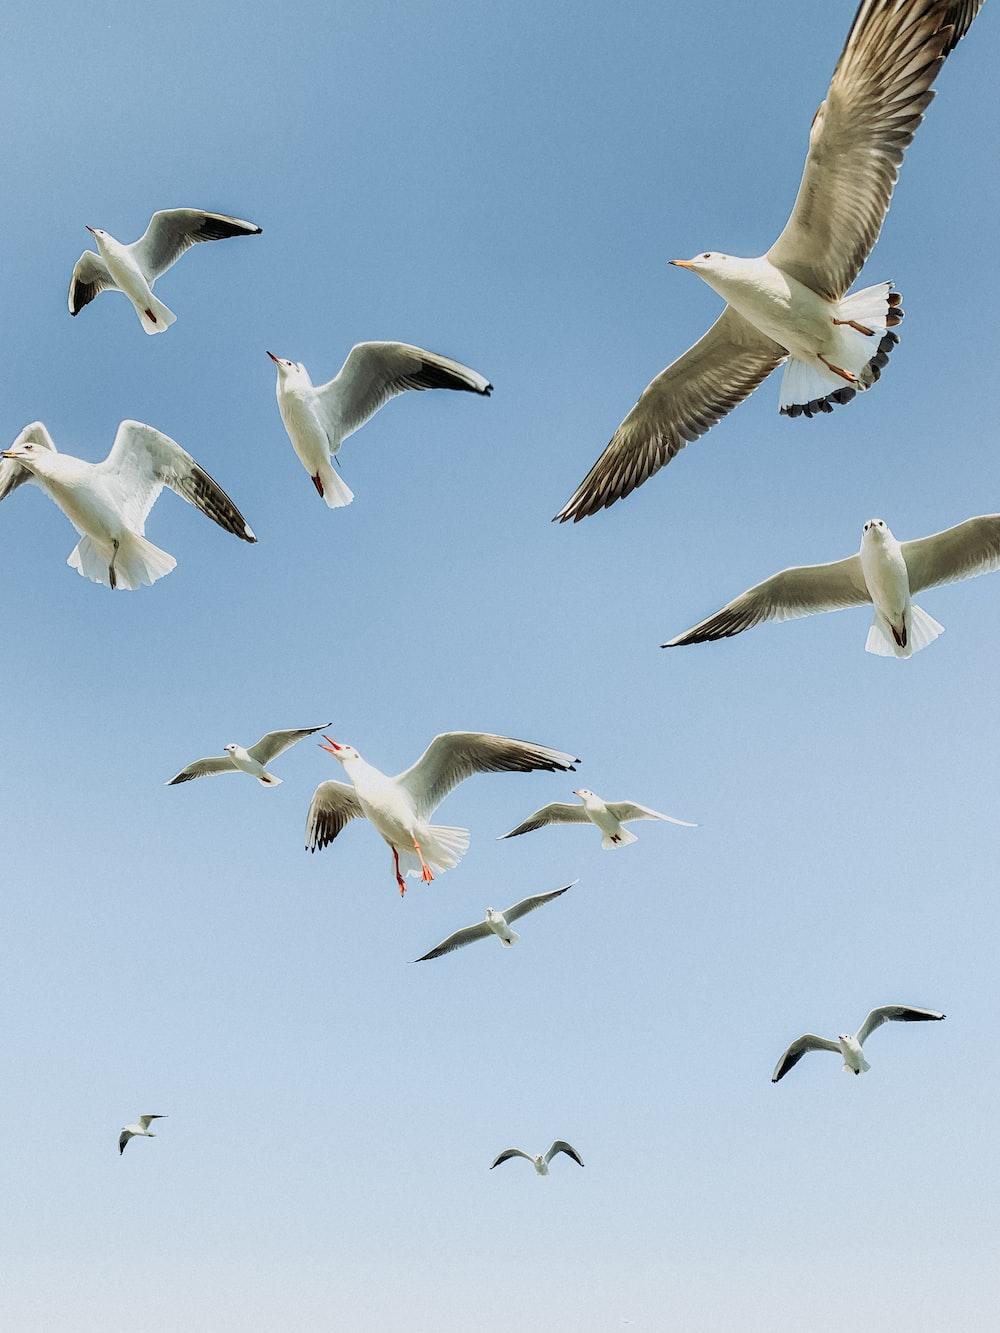 white seagulls flying across blue sky